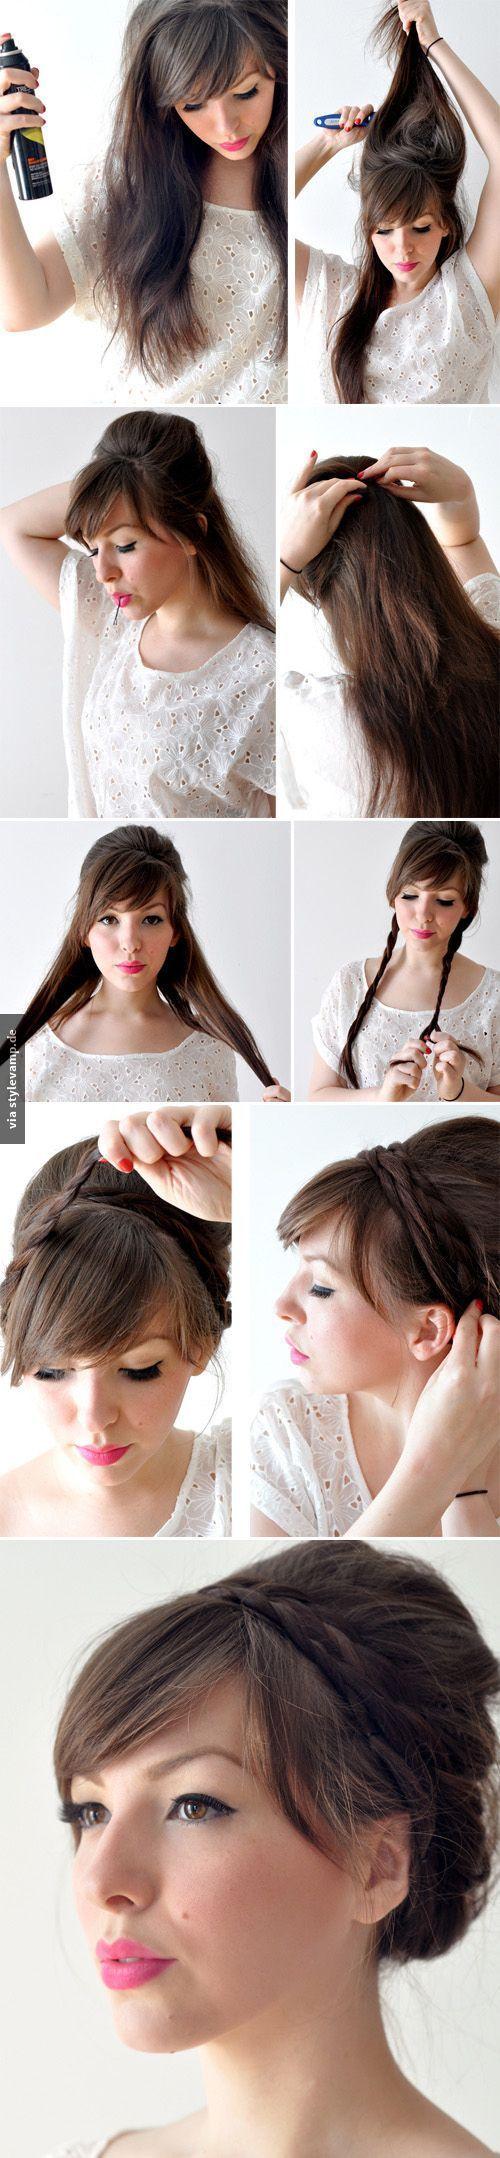 Frisuren graue haare lang